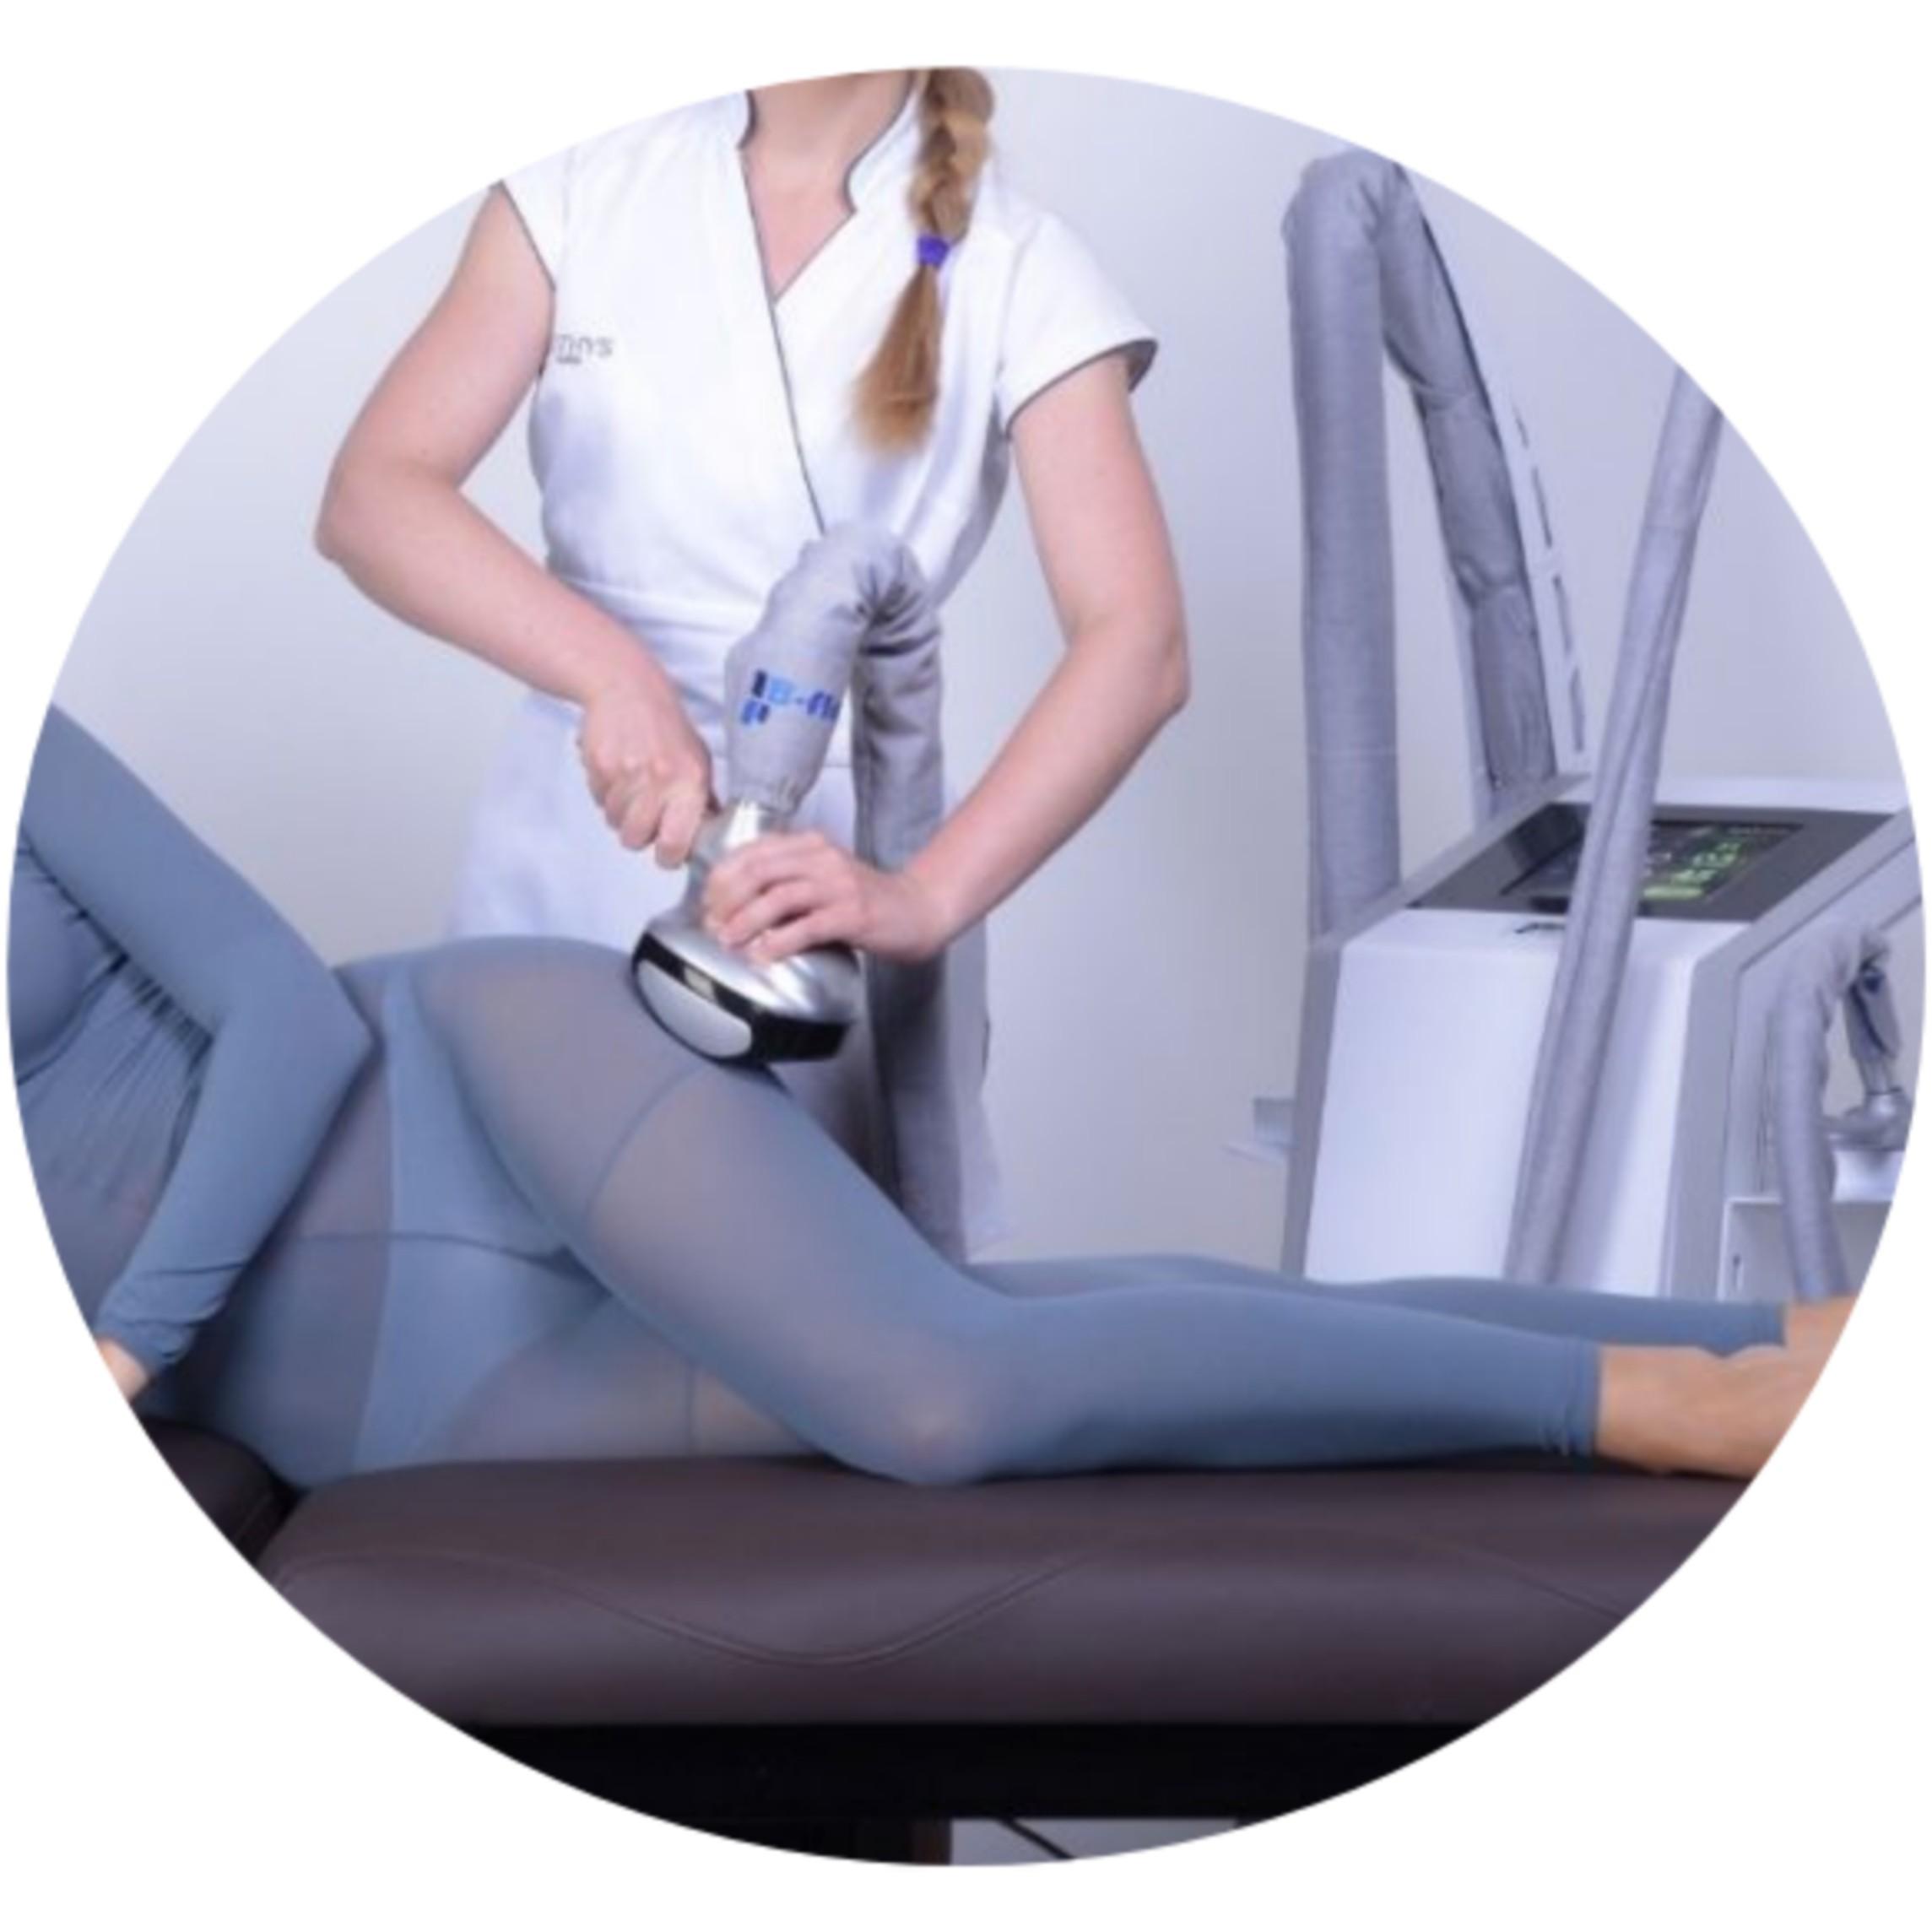 Вакуумно-роликовый массаж: сеанс 20 минут